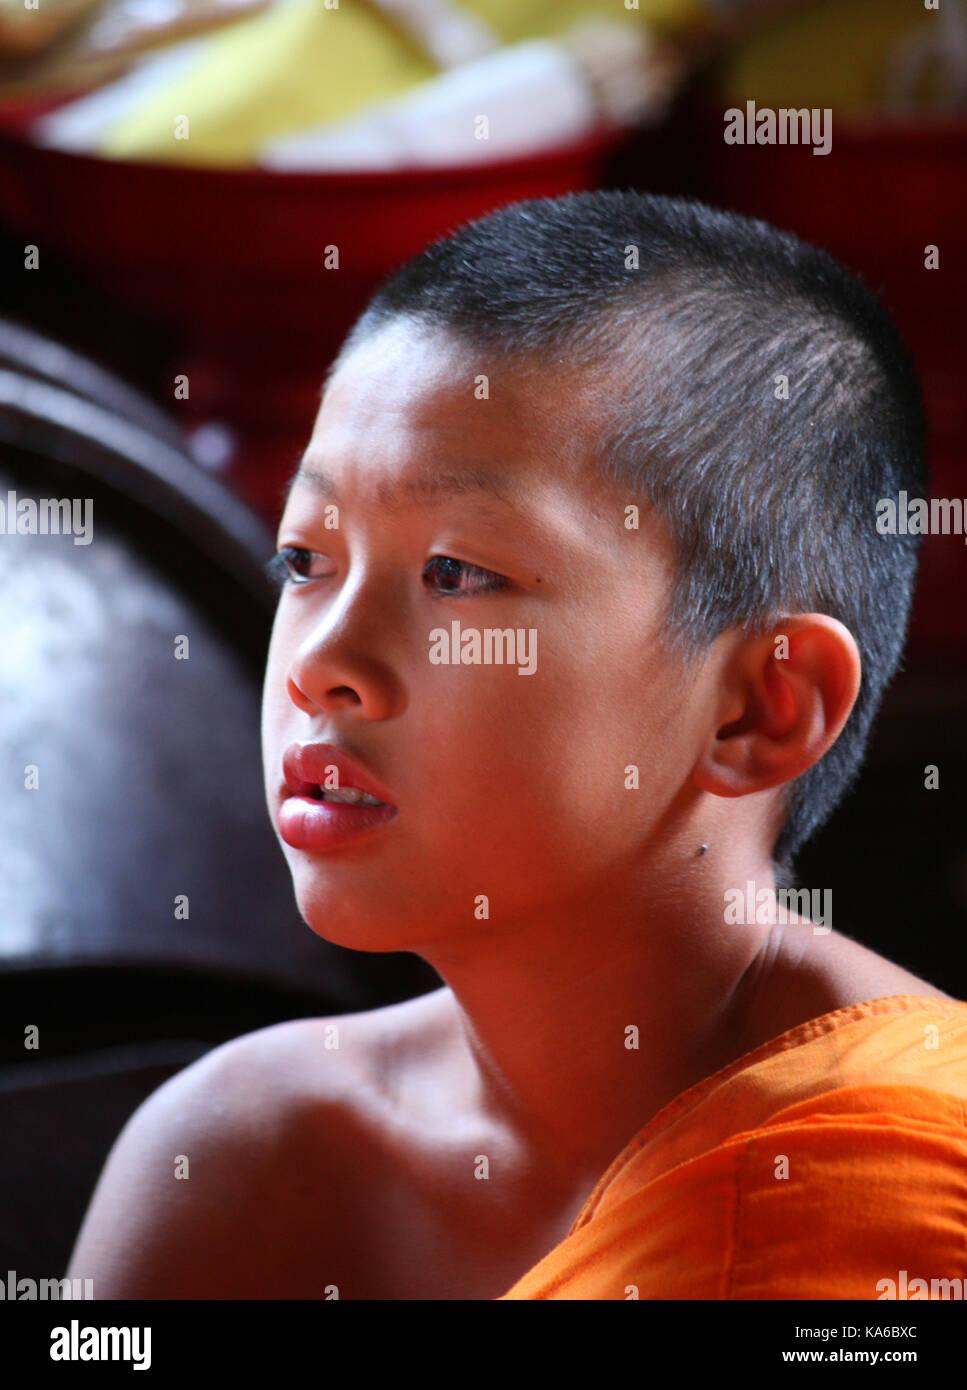 La vita quotidiana in un monastero buddista. Closeup Ritratto di giovane ragazzo da monaco buddista nel monastero. Immagini Stock